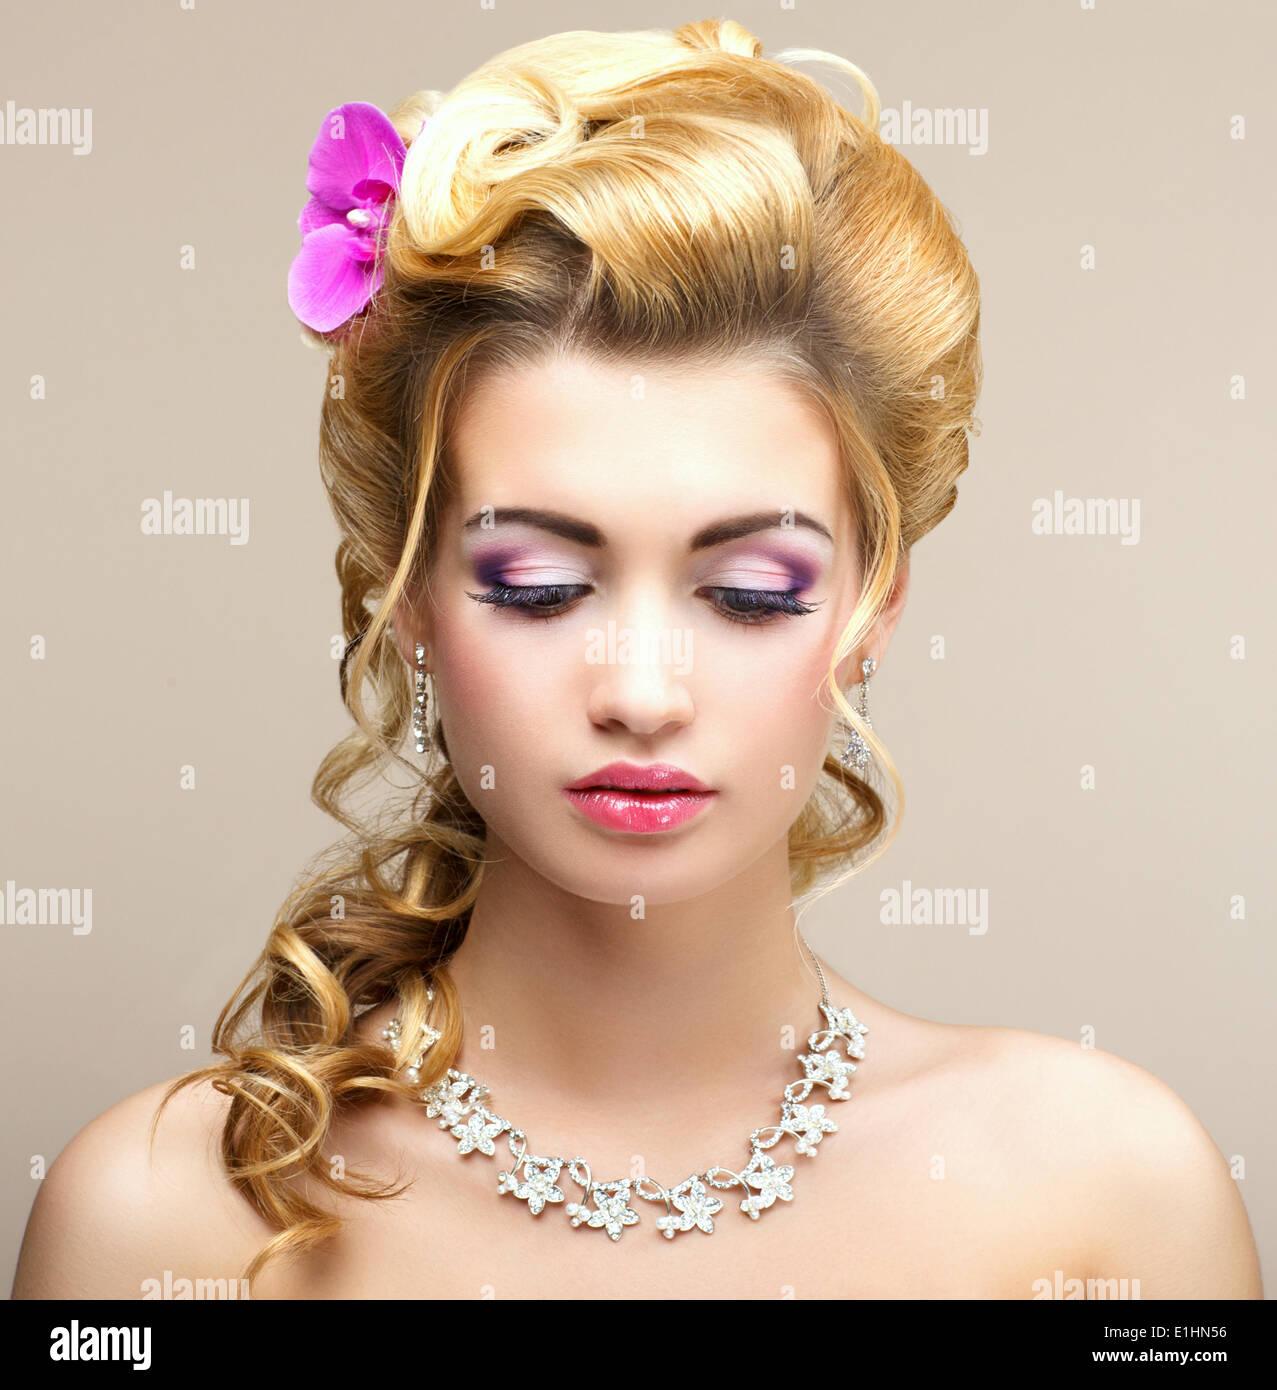 Dame de beauté. Femme de rêve avec platine - bijoux collier et boucles d'oreille. La tendresse Photo Stock